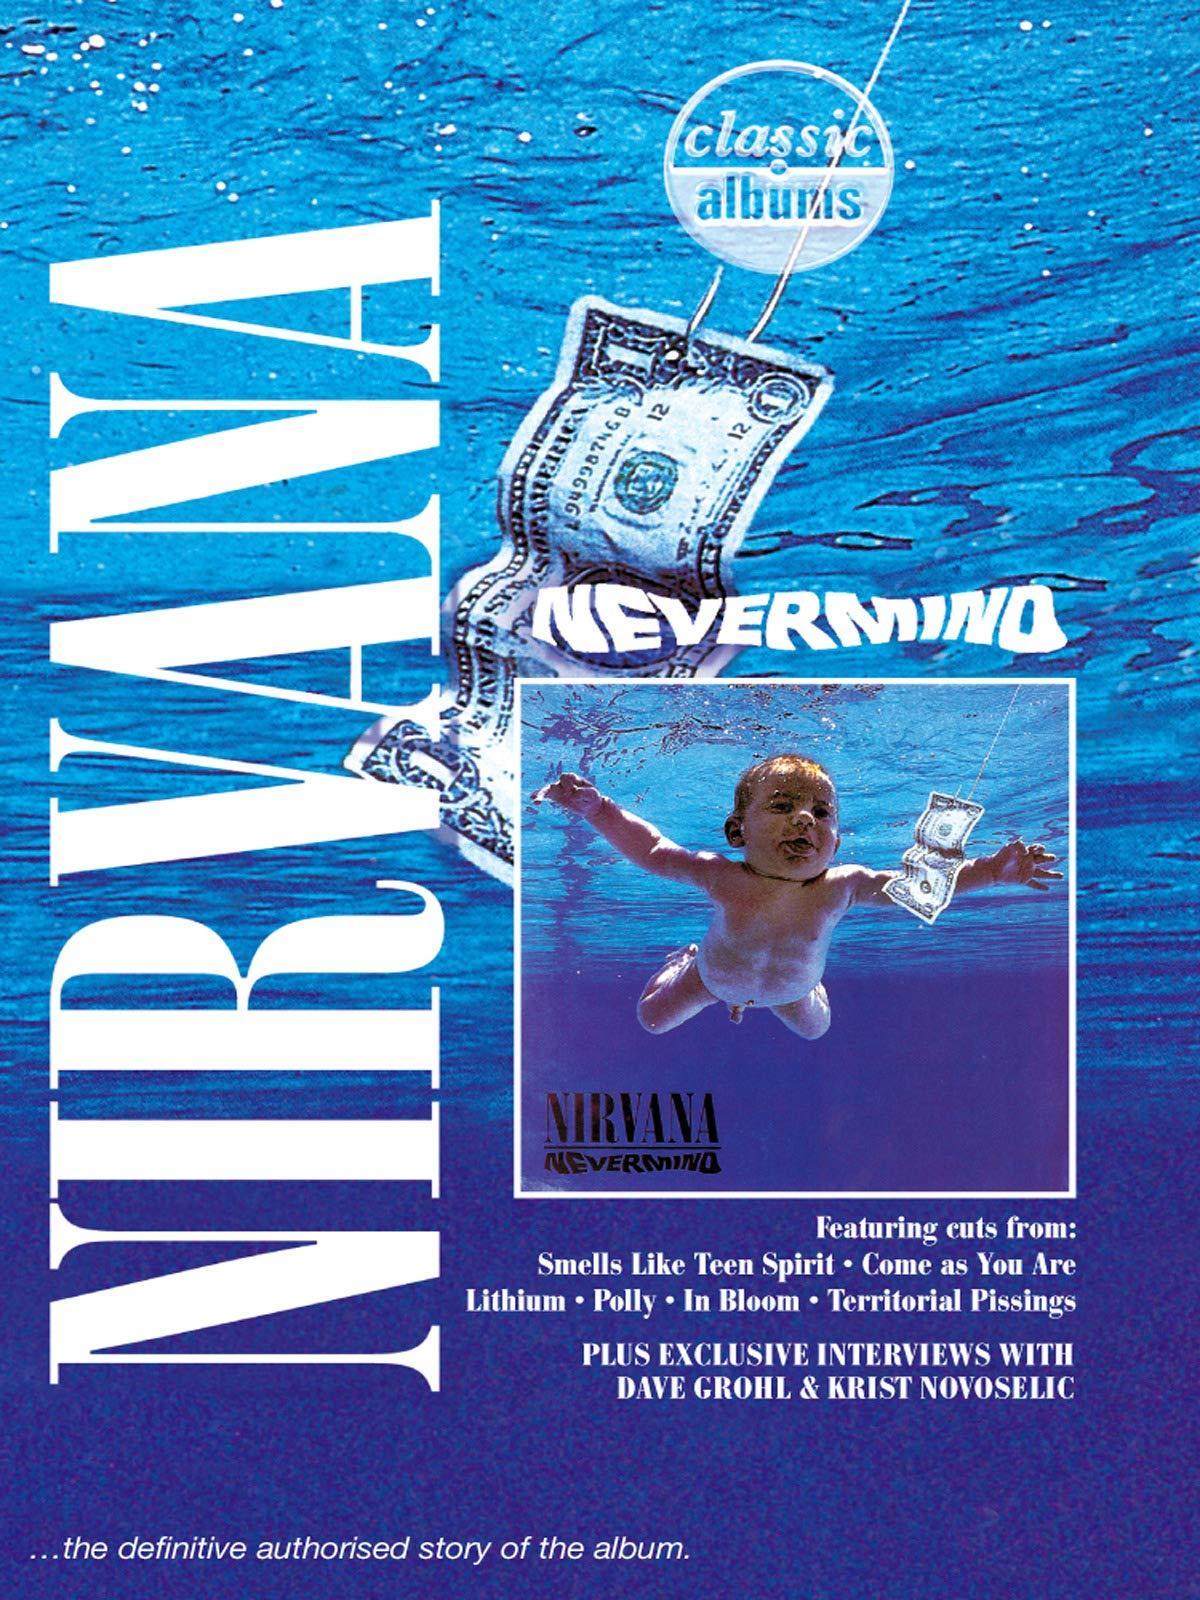 Nirvana - Nevermind (Classic Album) on Amazon Prime Video UK